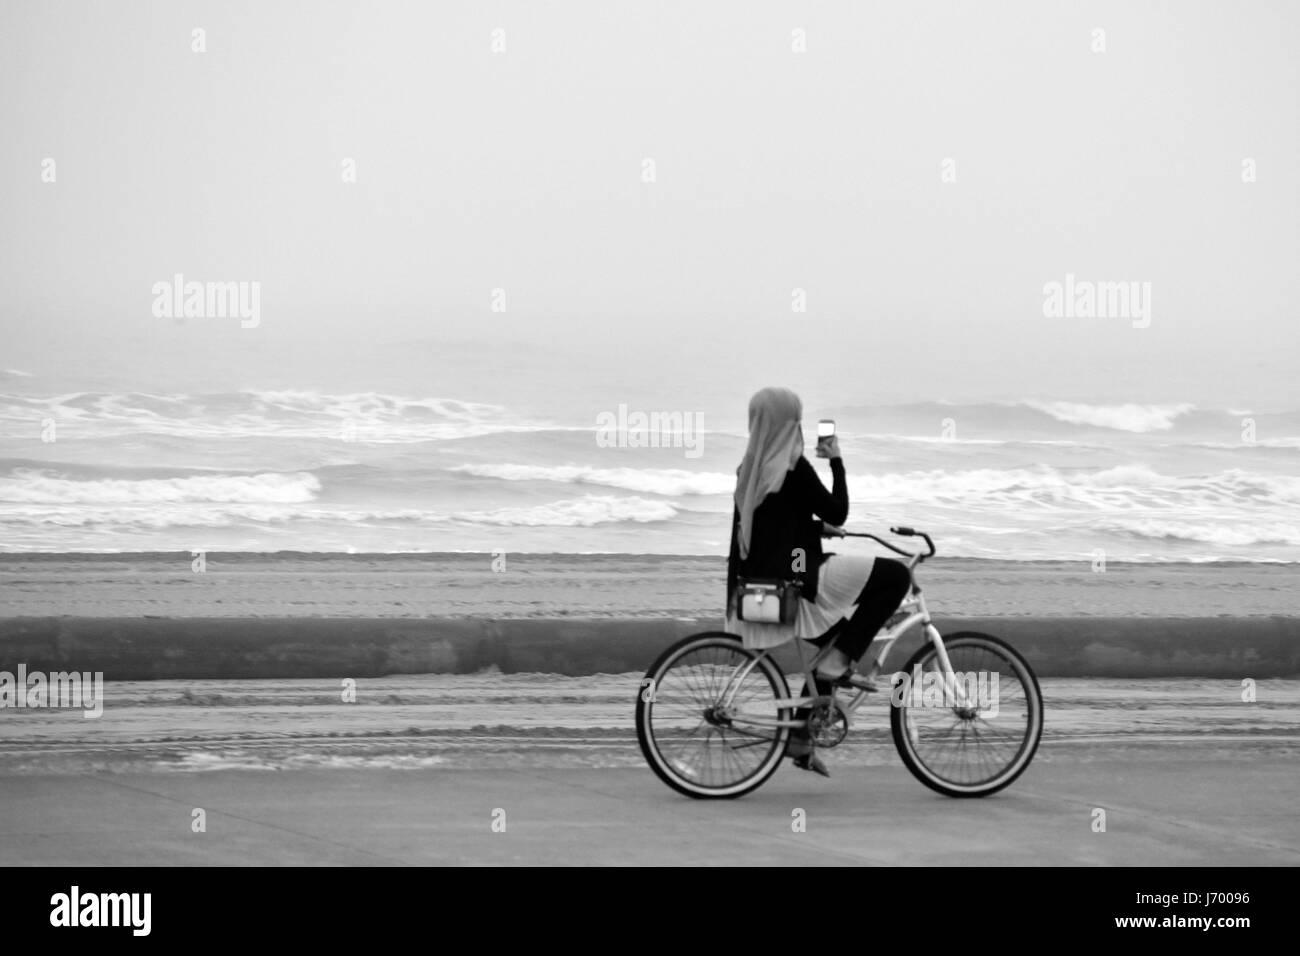 Beach Selfie Biker - Stock Image